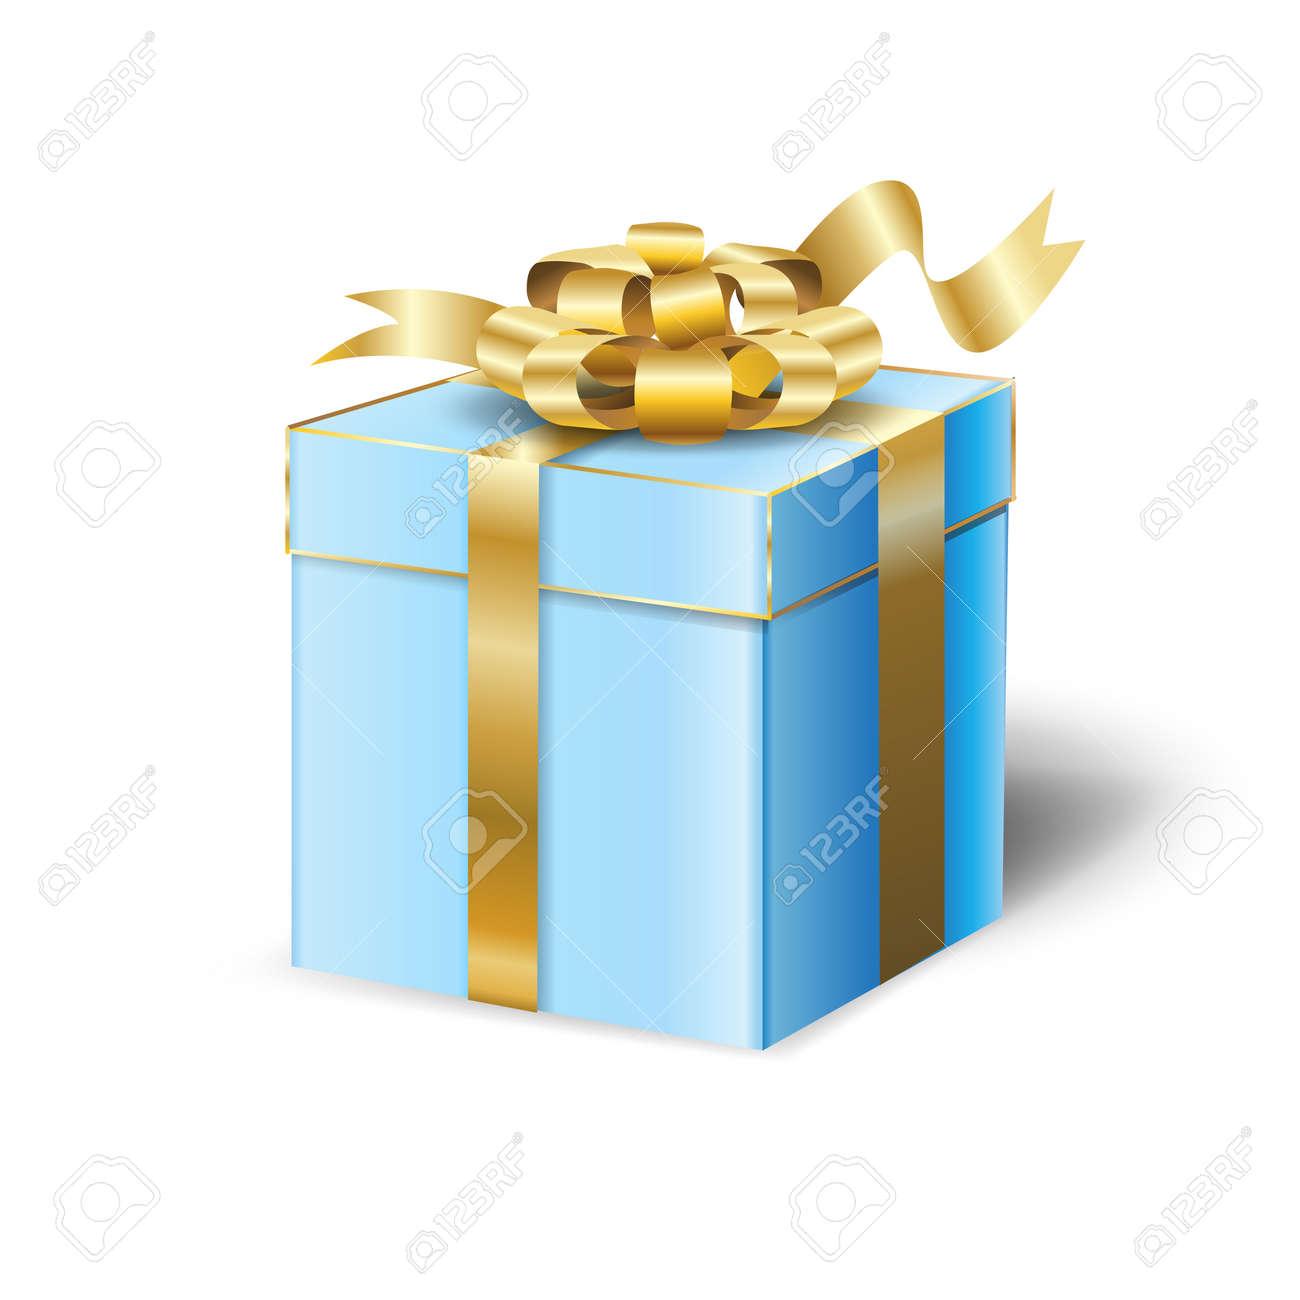 Coffret Cadeau Pour Le Jour Du Mariage Vacances Anniversaire Celebrer Belle Boite Cadeau Bleu Avec Ruban De Satin Or Isole Sur Fond Blanc Illustration Presente Clip Art Libres De Droits Vecteurs